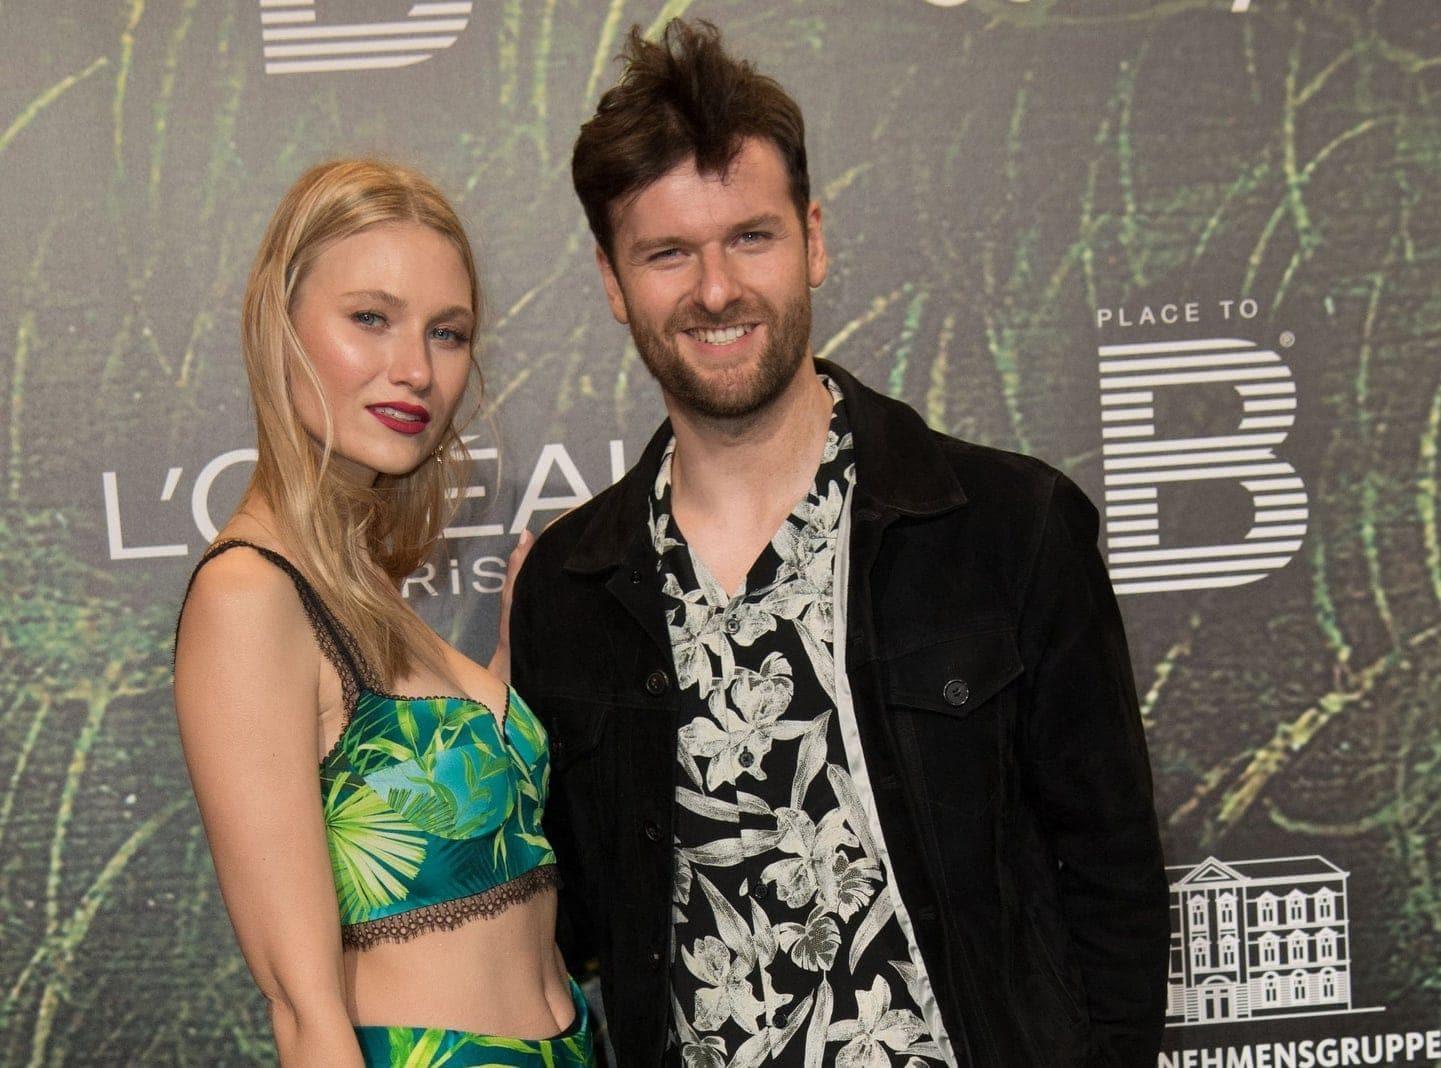 Sängerin Carolin Niemczyk und ihr Freund Daniel Grunenberg vom Duo Glasperlenspiel